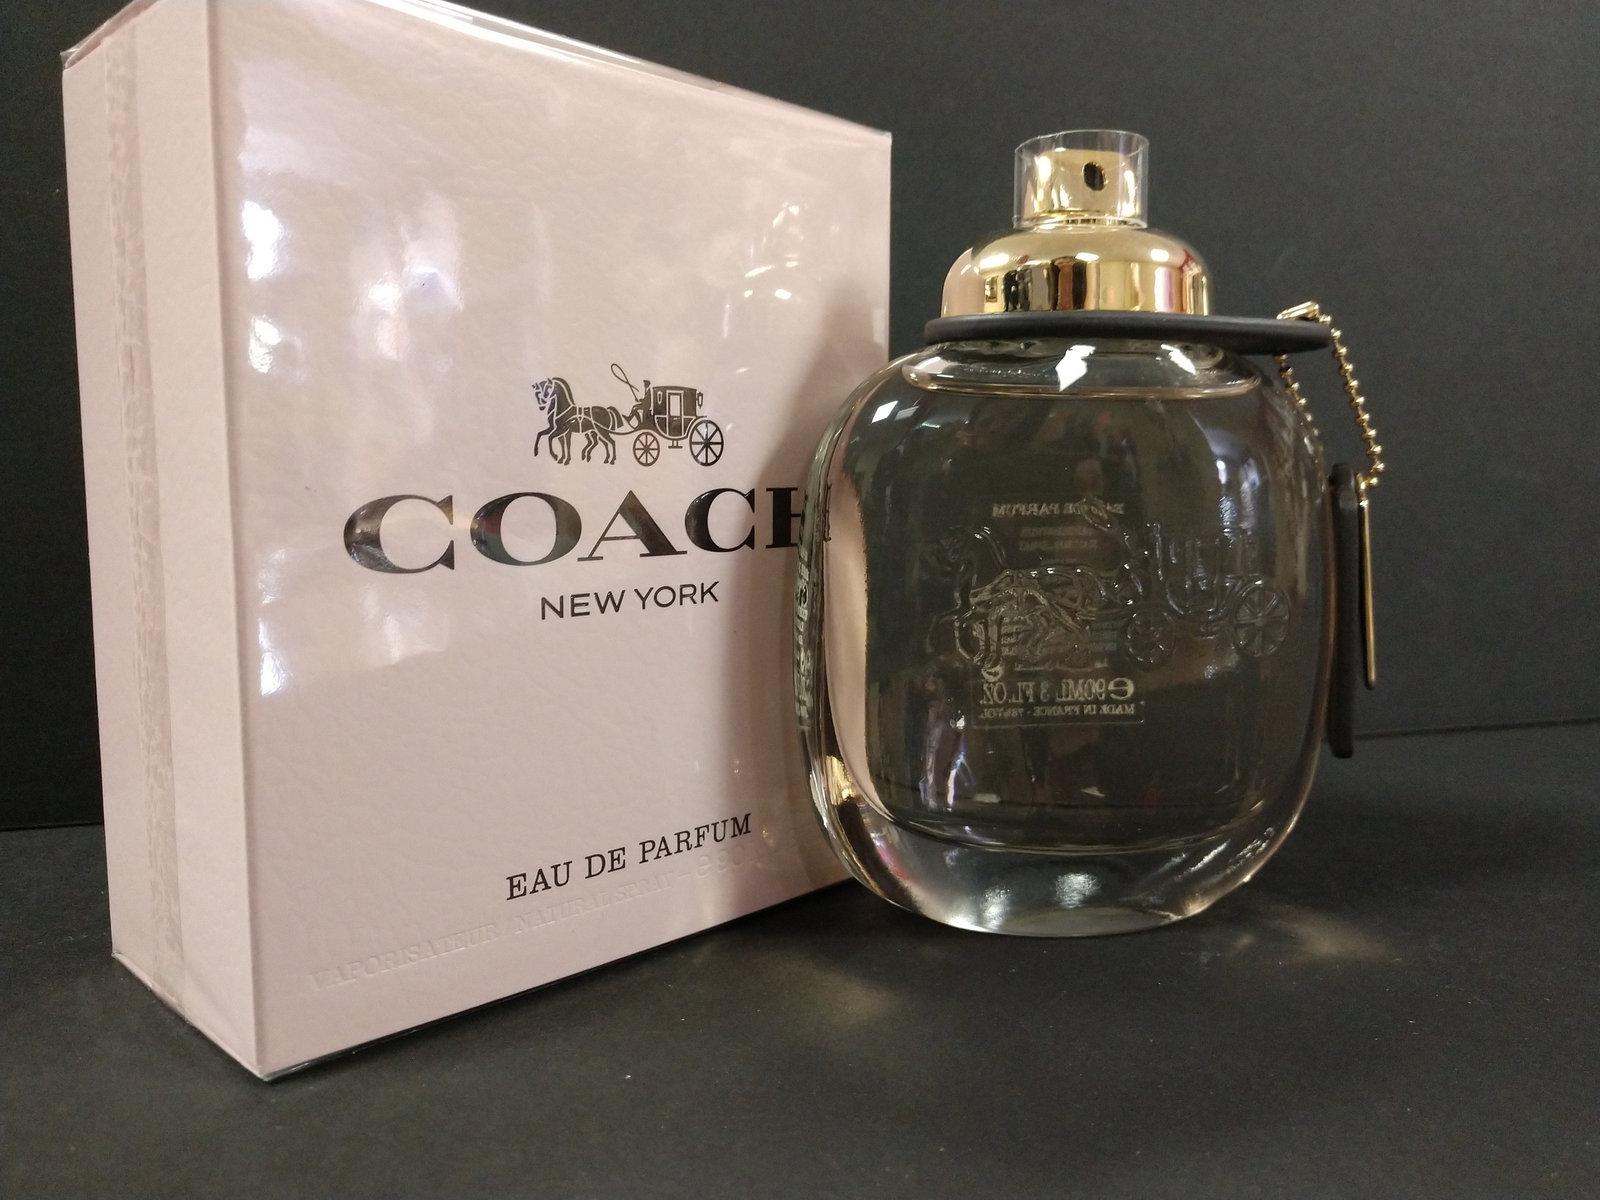 COACH Eau de Parfum 3.oz For Women image 4